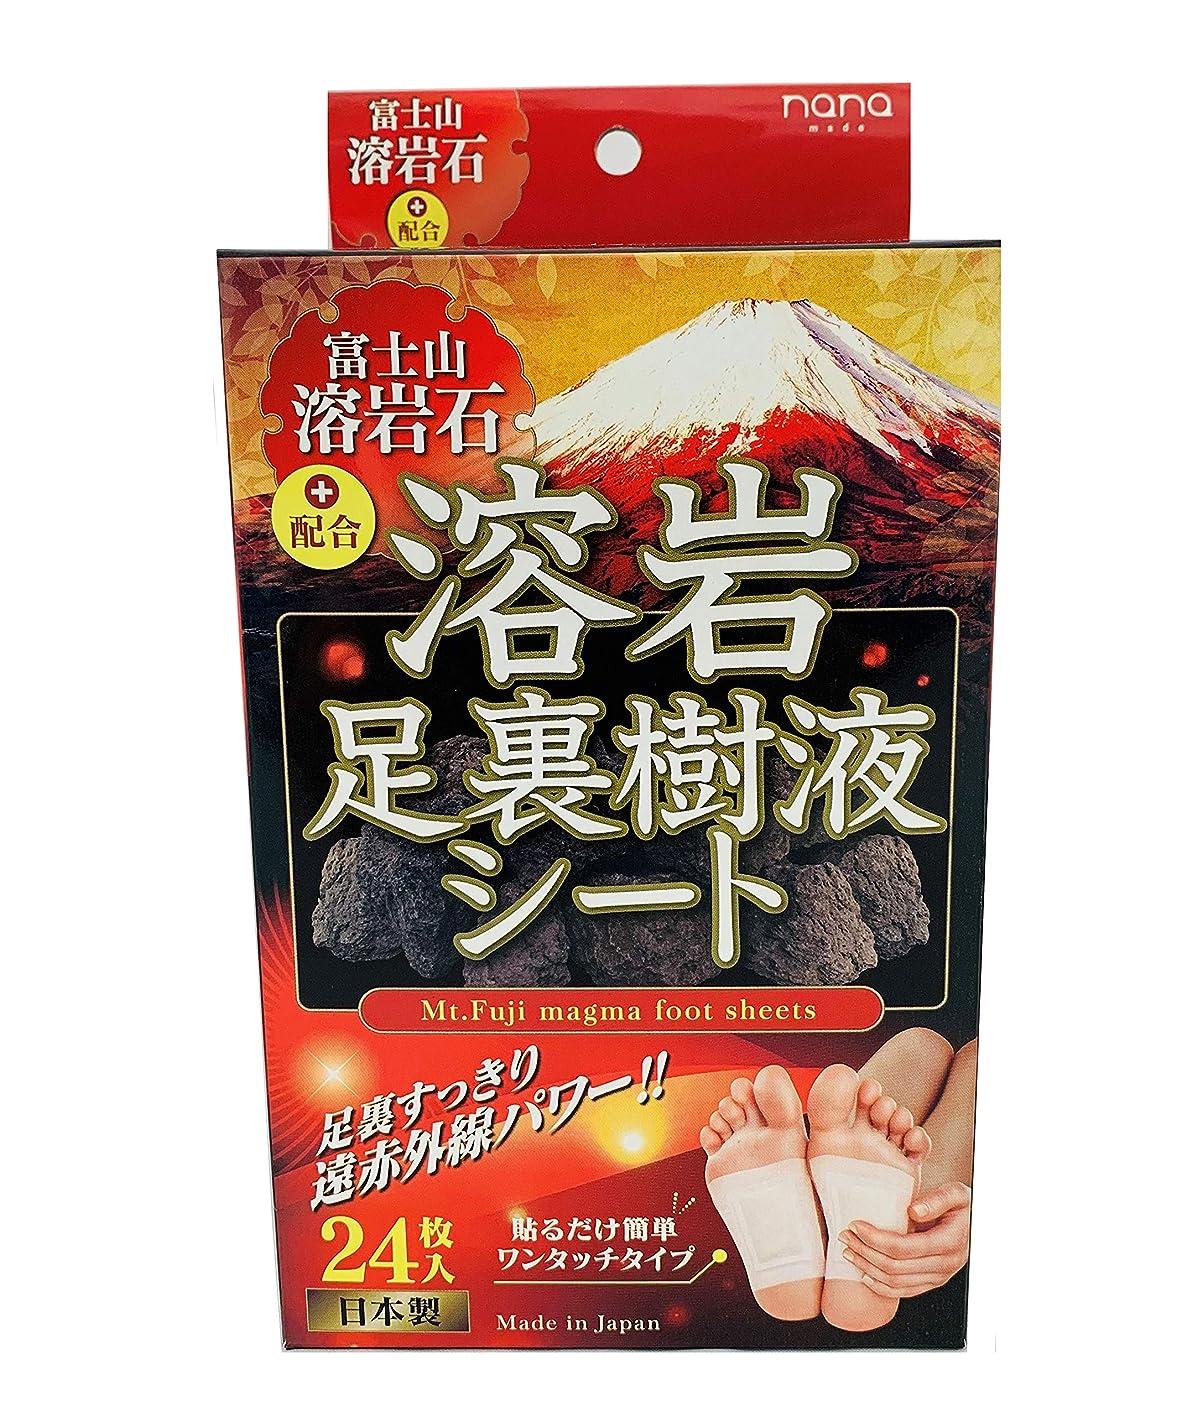 流行寝てる哀富士山溶岩石足裏樹液シート24枚